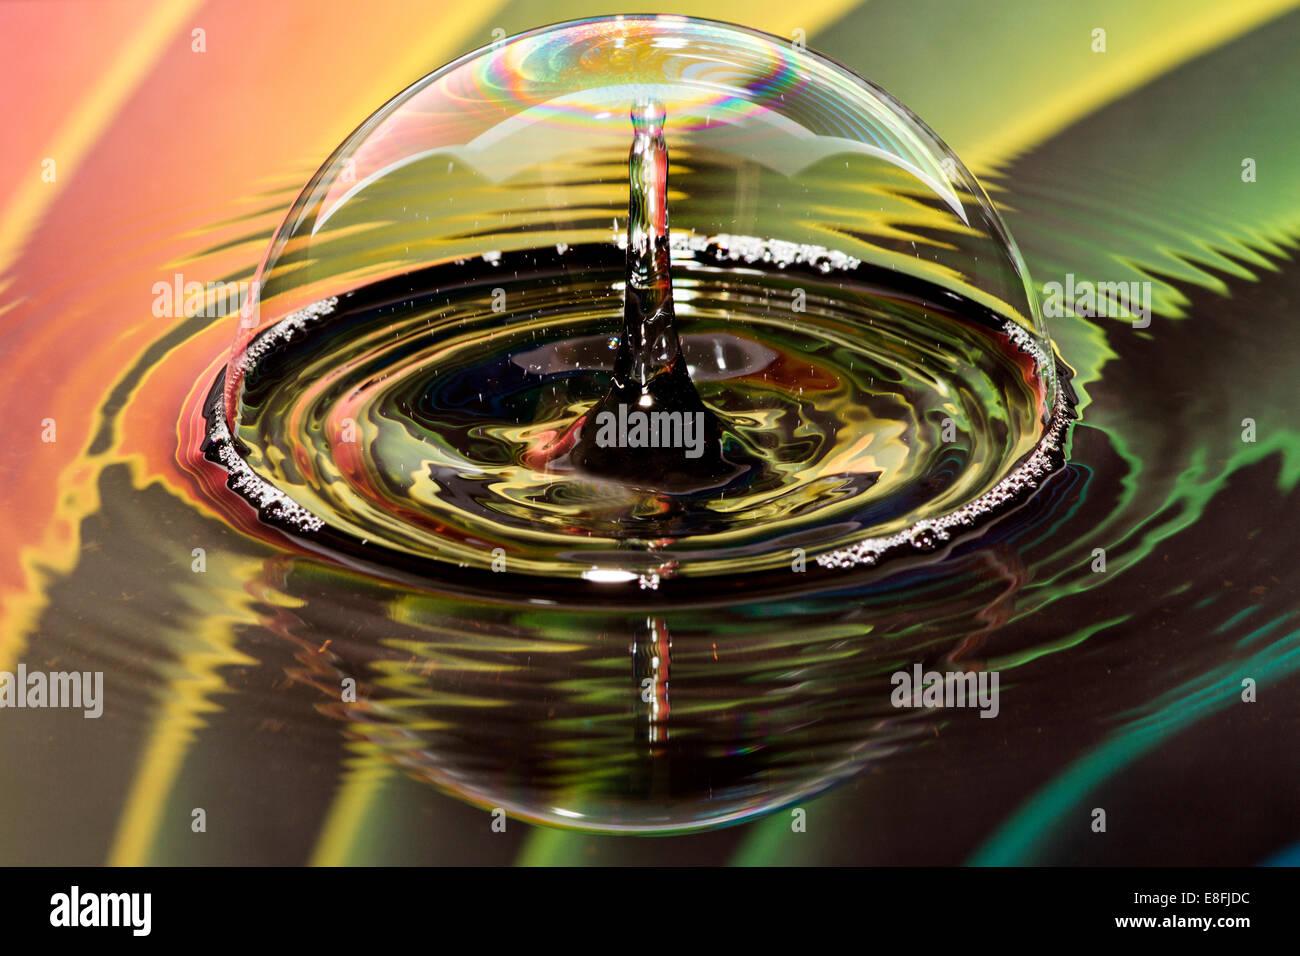 Gocce d'acqua sulla bolla con sfondo arcobaleno Immagini Stock